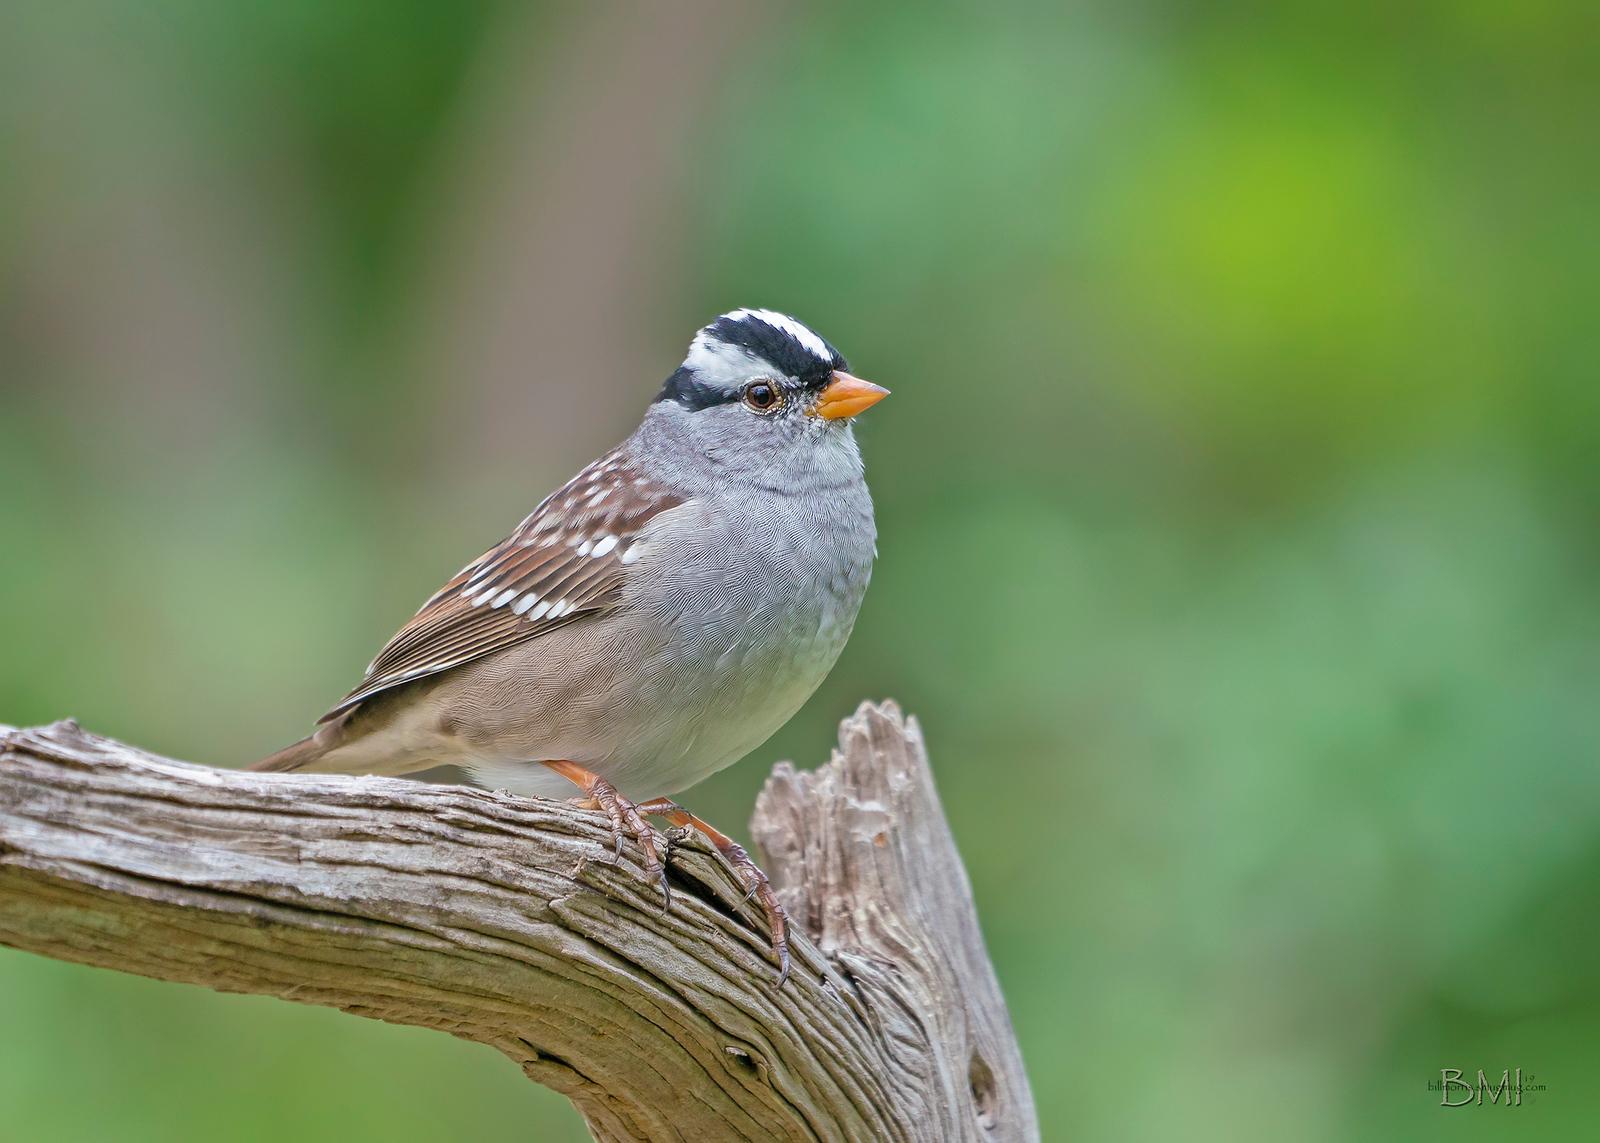 IMAGE: https://photos.smugmug.com/Private/n-XQ9MPw/Birds/Birds/i-CnHfvnR/1/5e6434a1/X3/White-crowned%20sparrow%204-13-19-12%20RS-X3.jpg